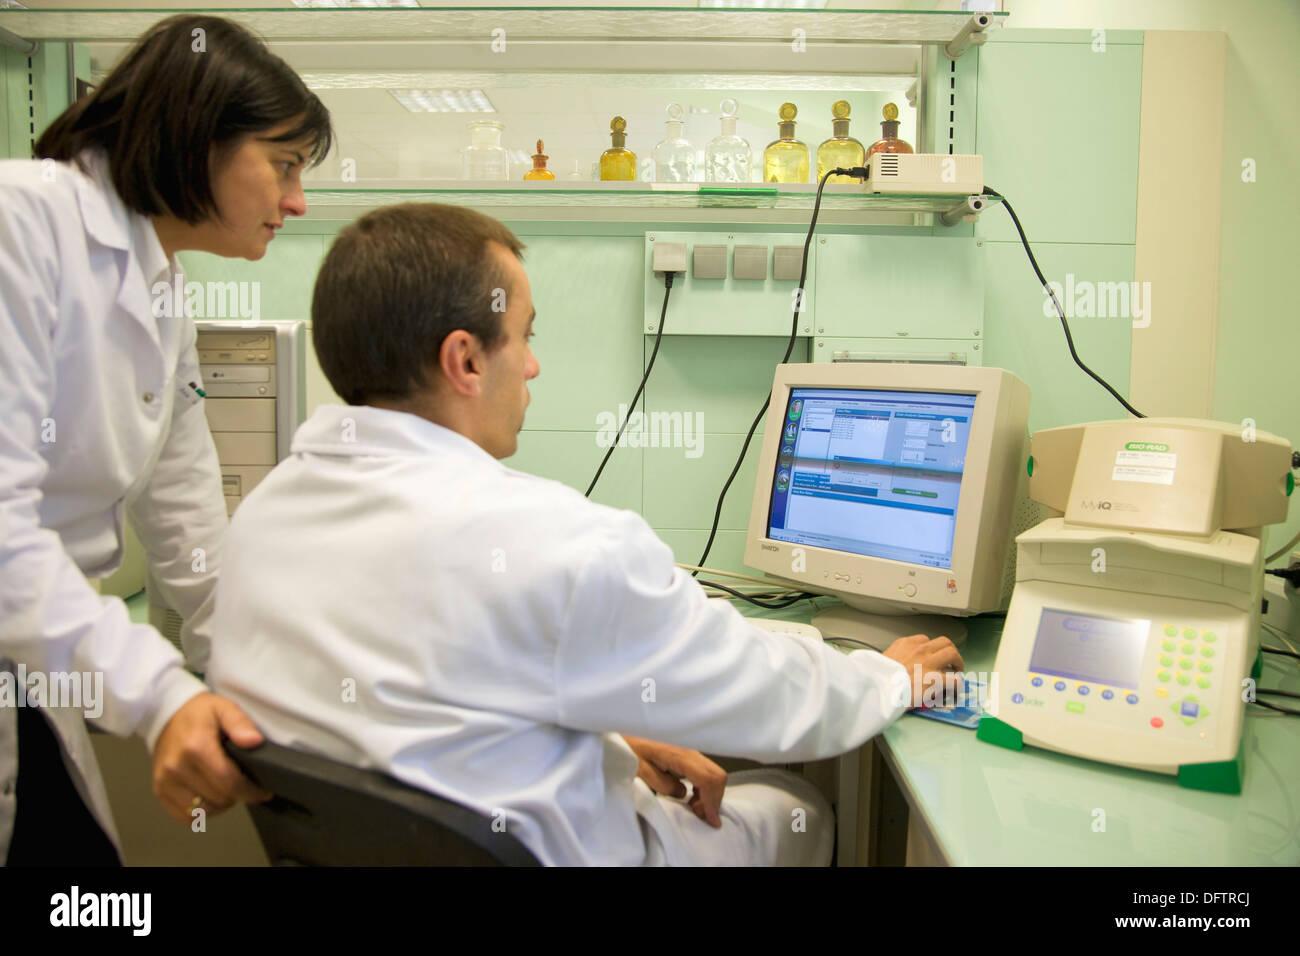 La quantification des Organismes Génétiquement Modifiés (OGM). RT-PCR, analyse de l'ADN, laboratoire de santé des végétaux, Neiker Tecnalia, Photo Stock